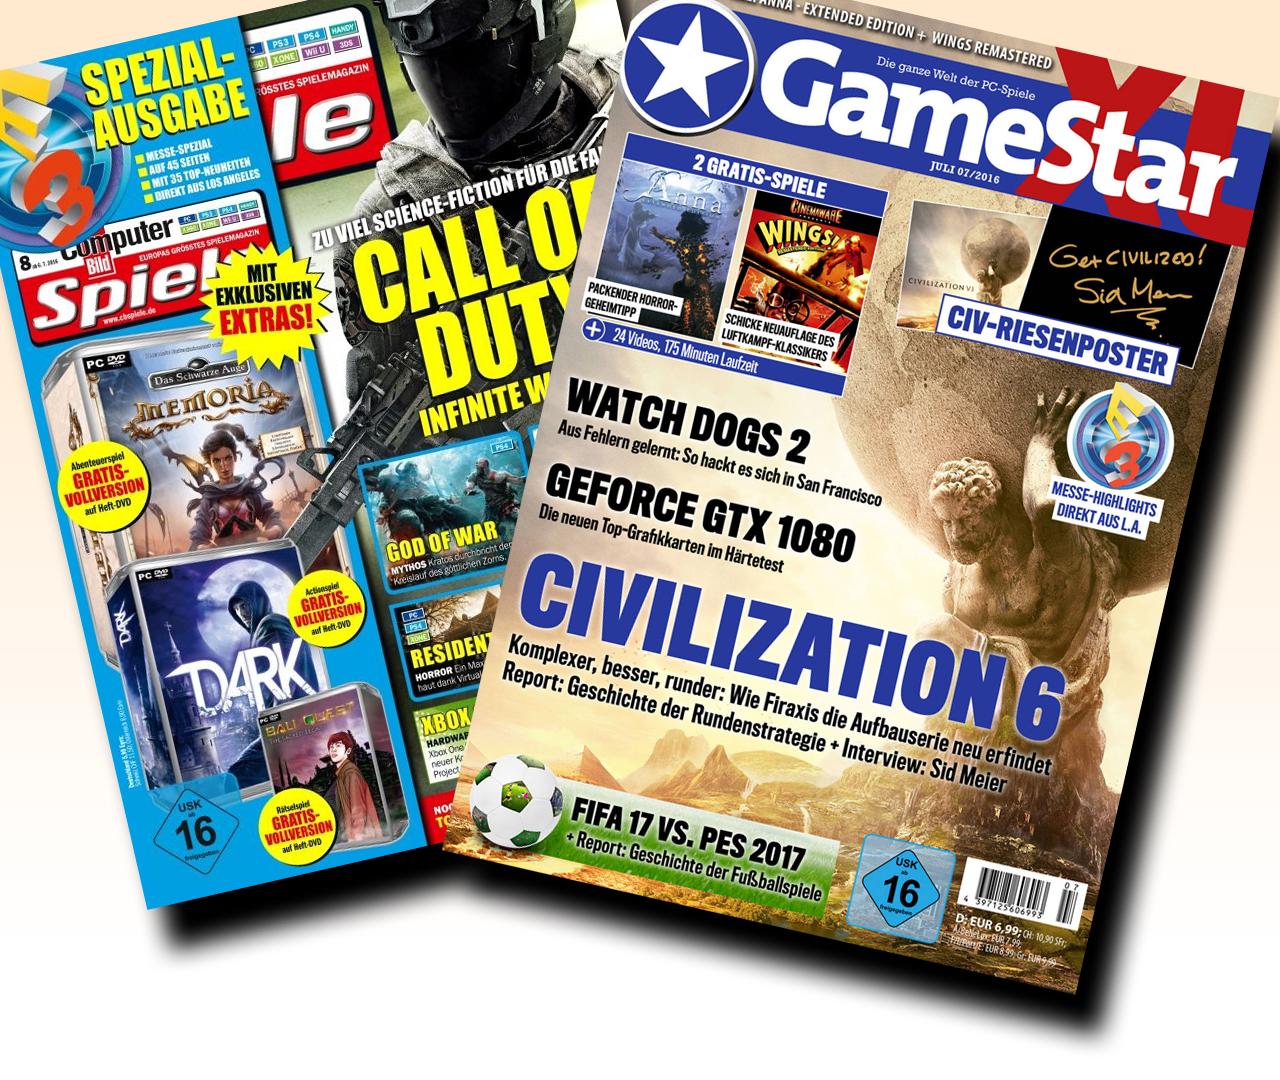 Computer Bild Spiele Aktionscode